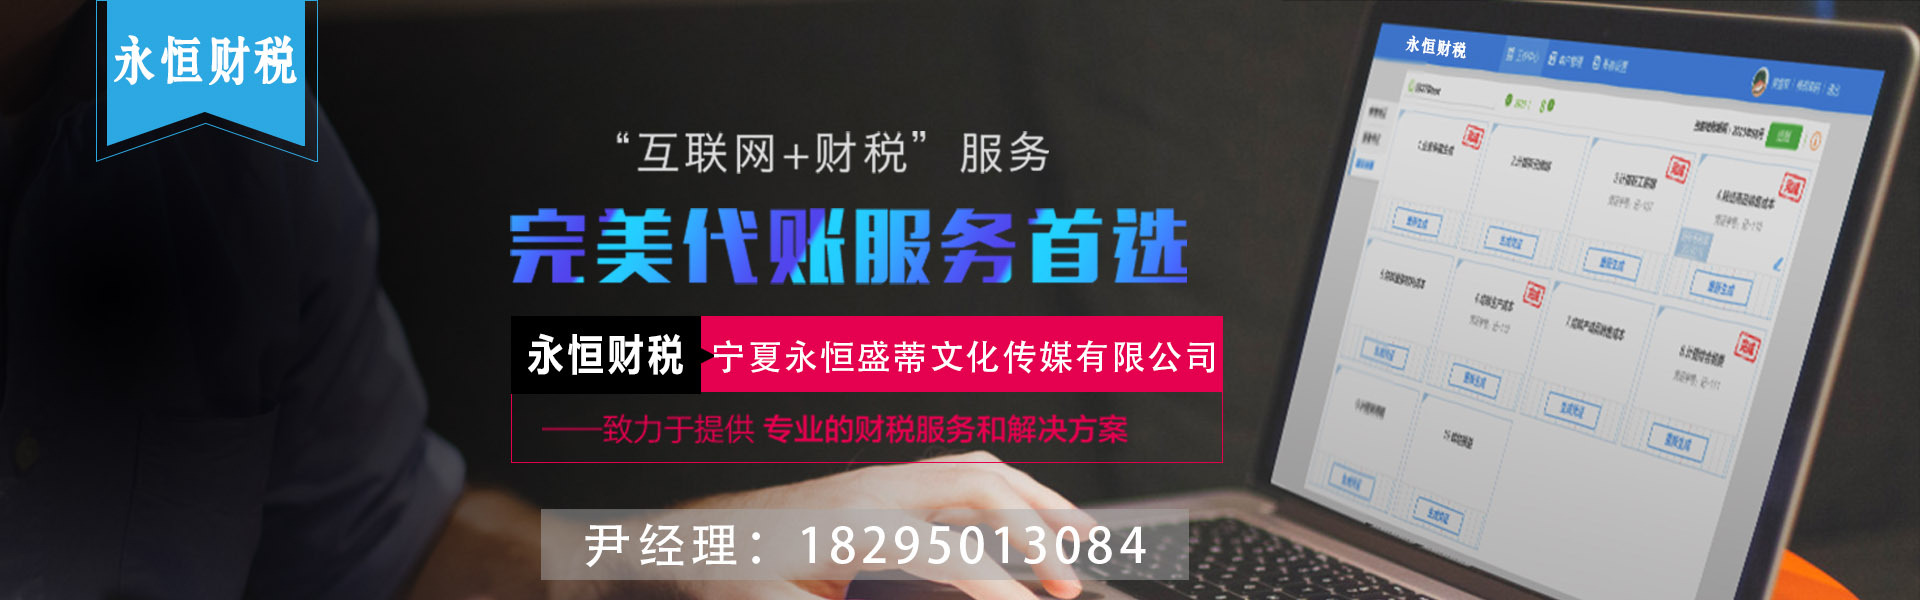 宁夏永恒盛蒂文化传媒有限公司banner